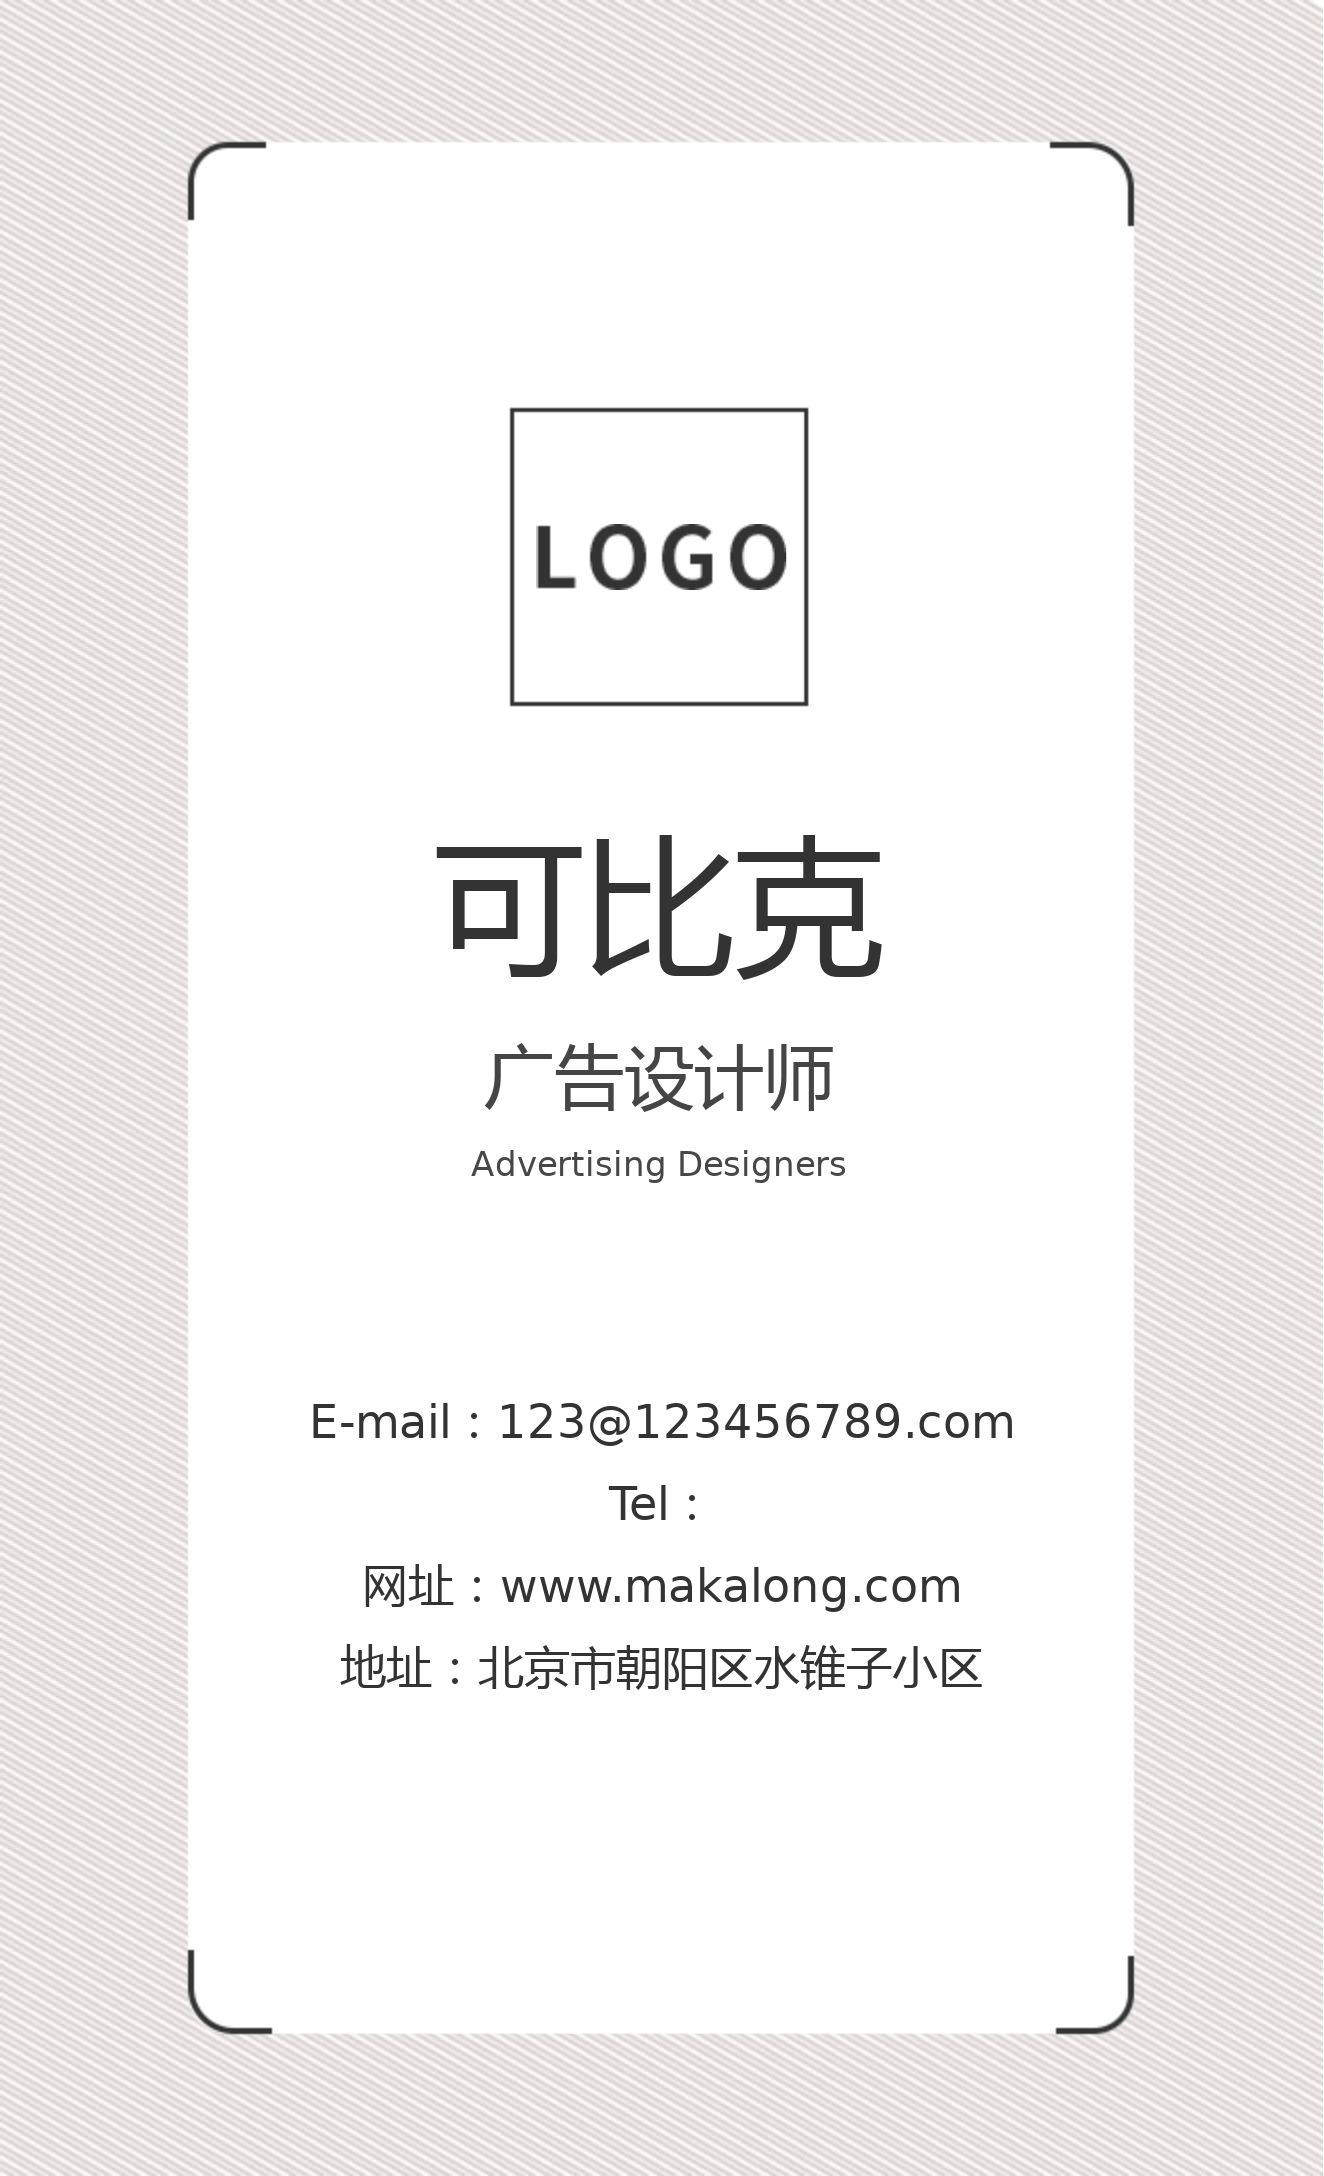 灰色纹理大气扁平化风格商务竖版名片模板